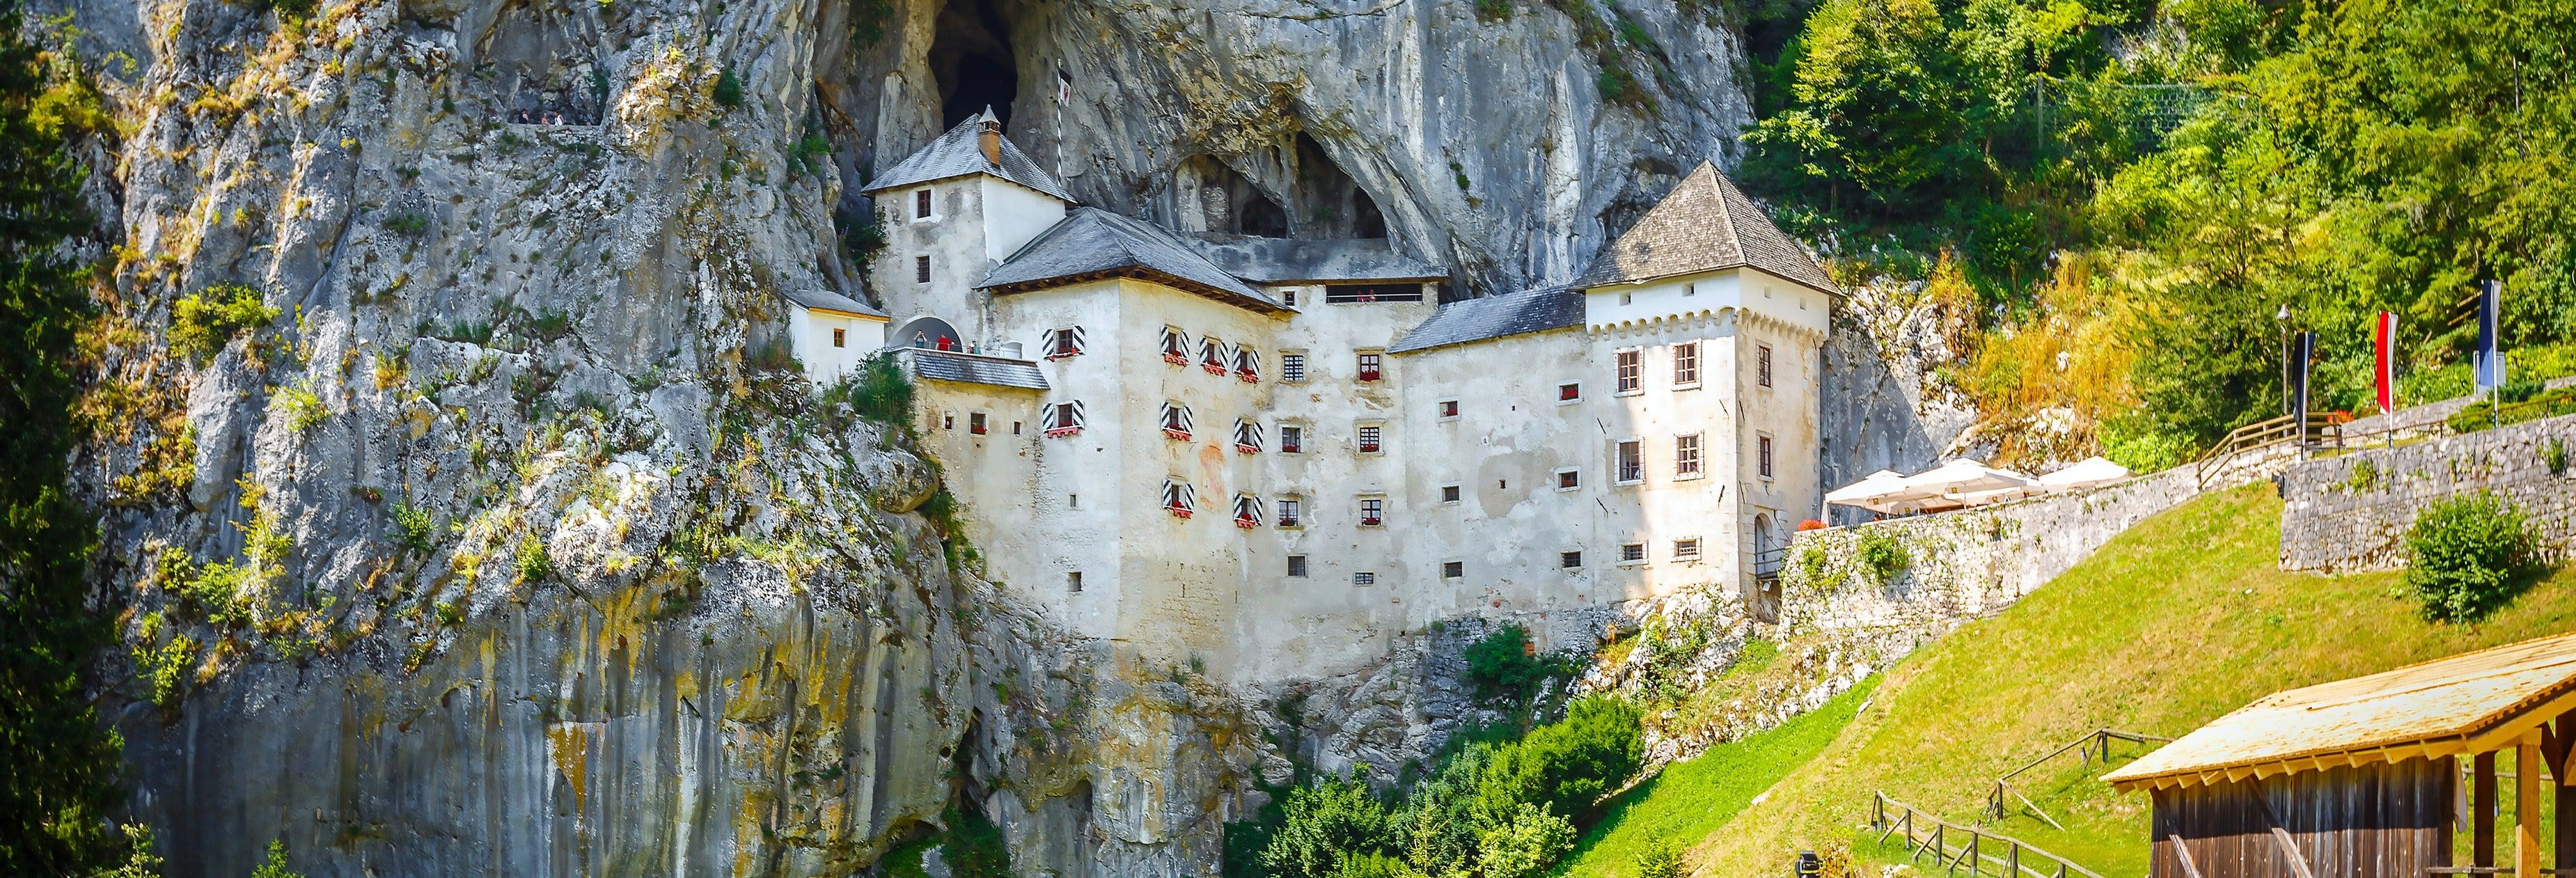 Escursione alle Grotte di Postumia e al Castello di Predjama